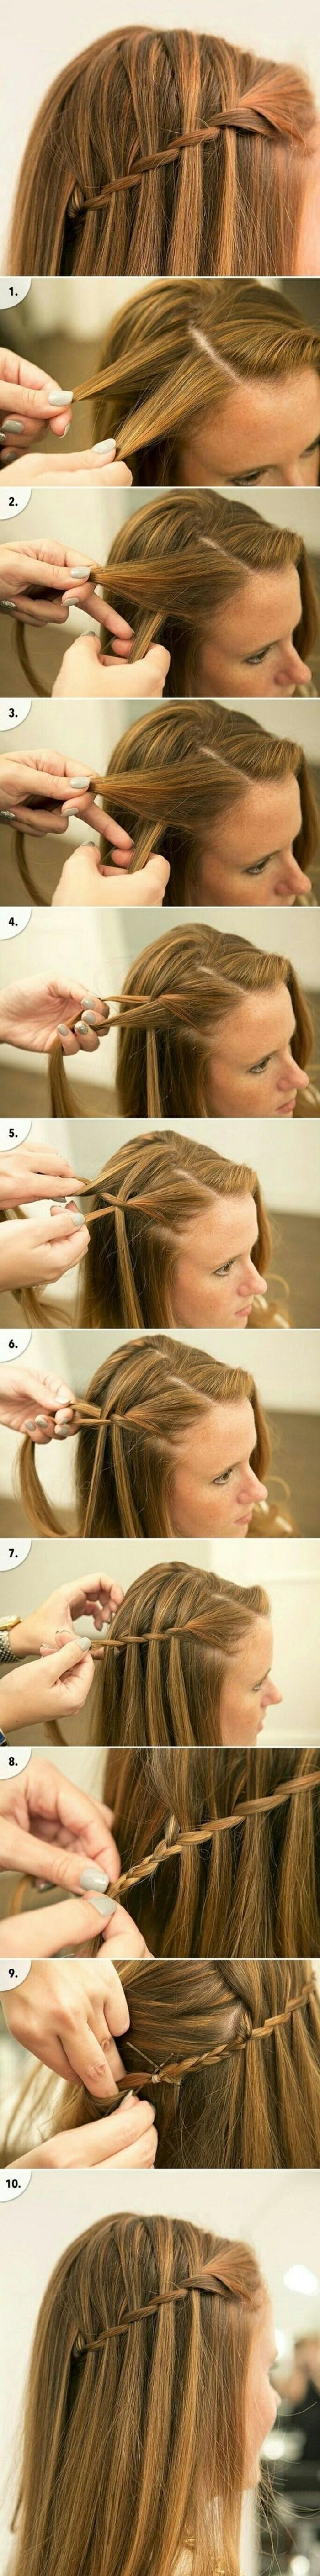 ideas de peinados pelo suelto con instrucciones paso a paso, pelo largo con bonita trenza lateral